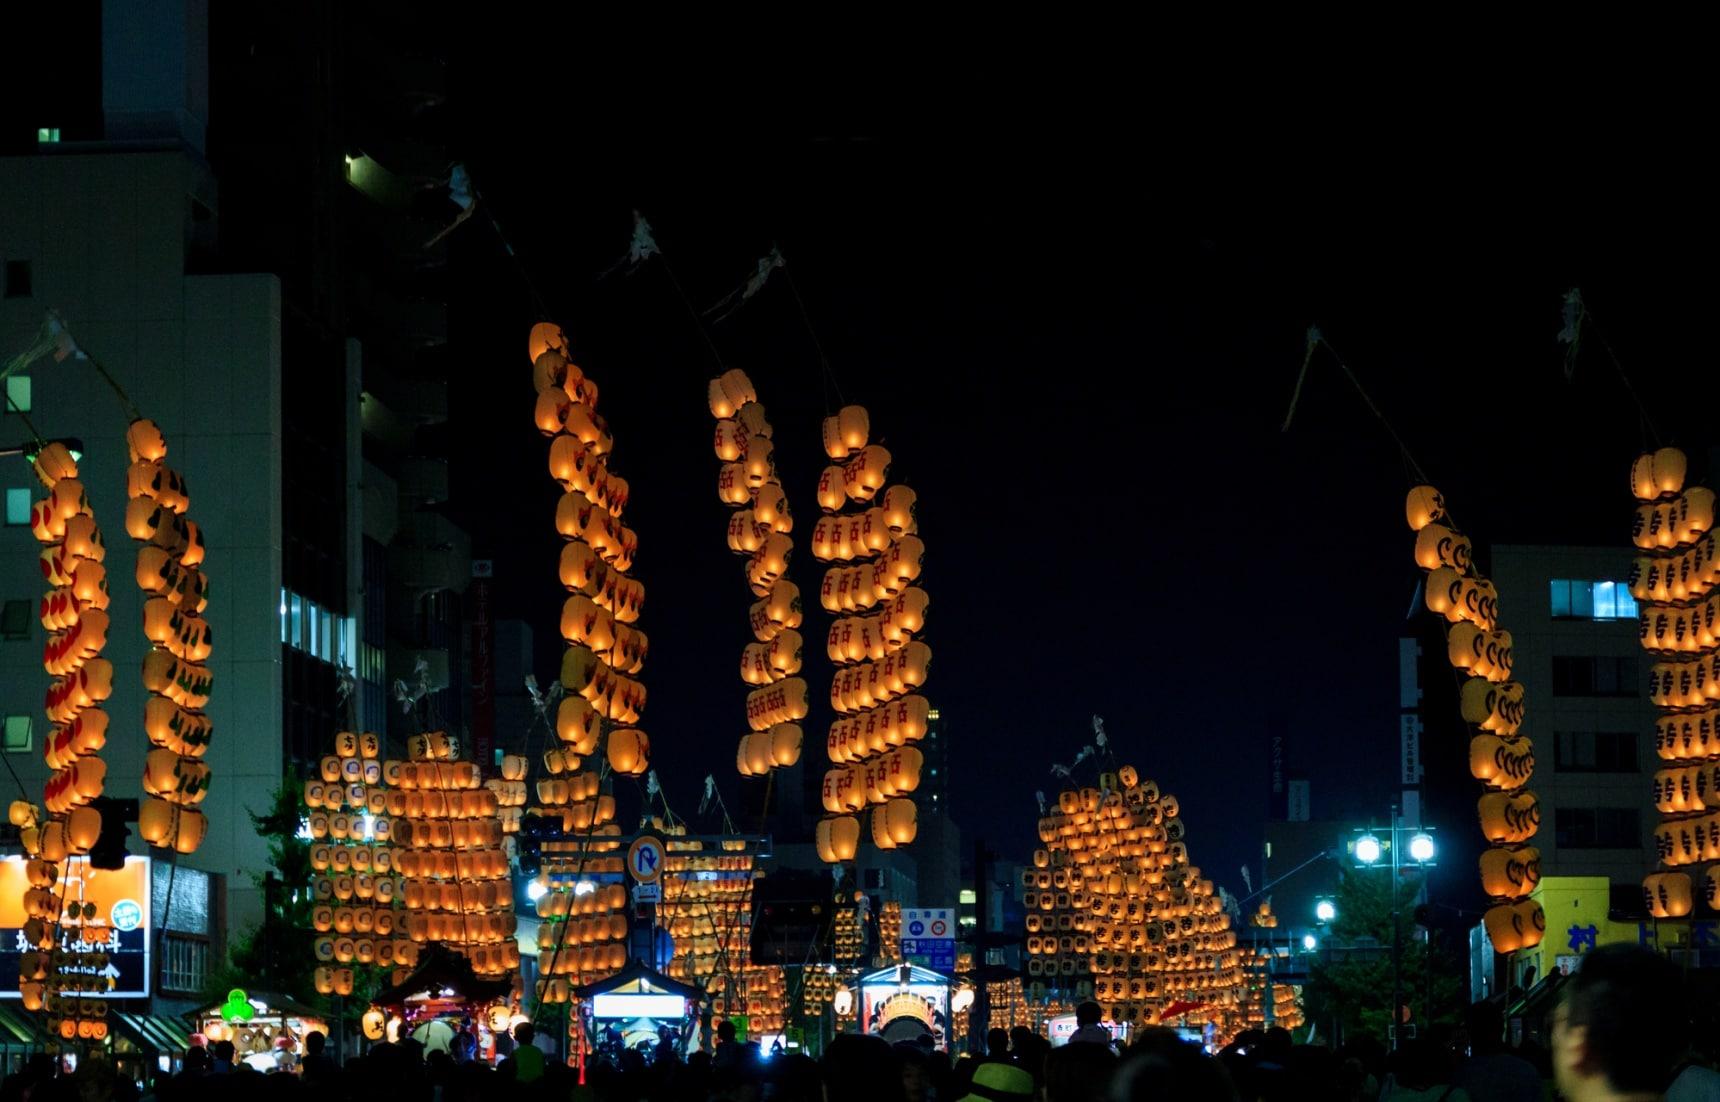 ข้อมูล 10 งานเทศกาลน่าชมของญี่ปุ่น